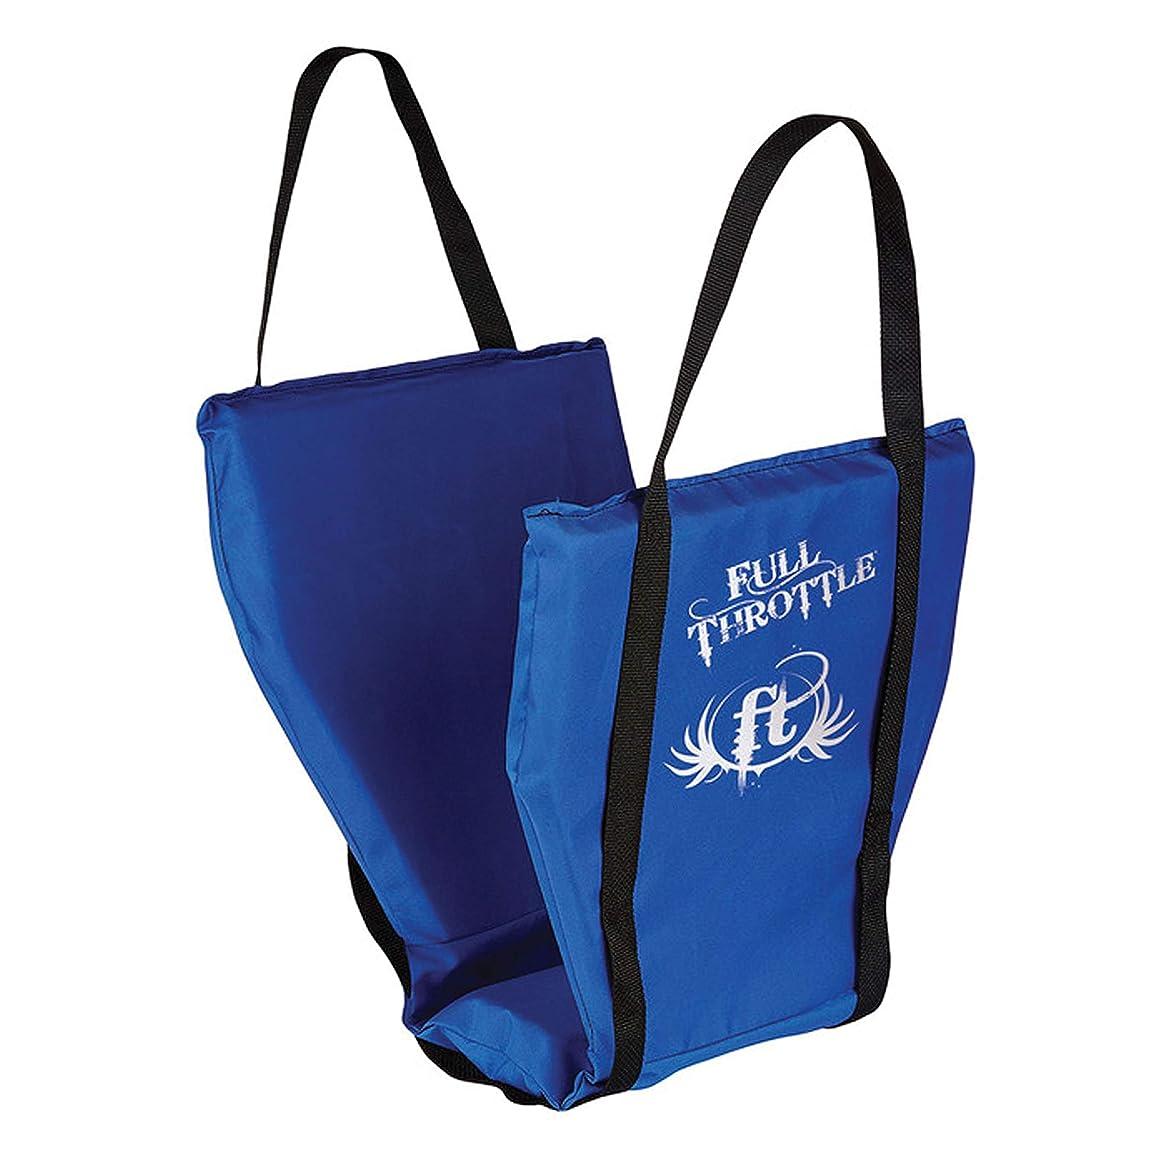 KENT Cove Cushion 110000-500-99-18 Full Throttle Cove Cushion Blue